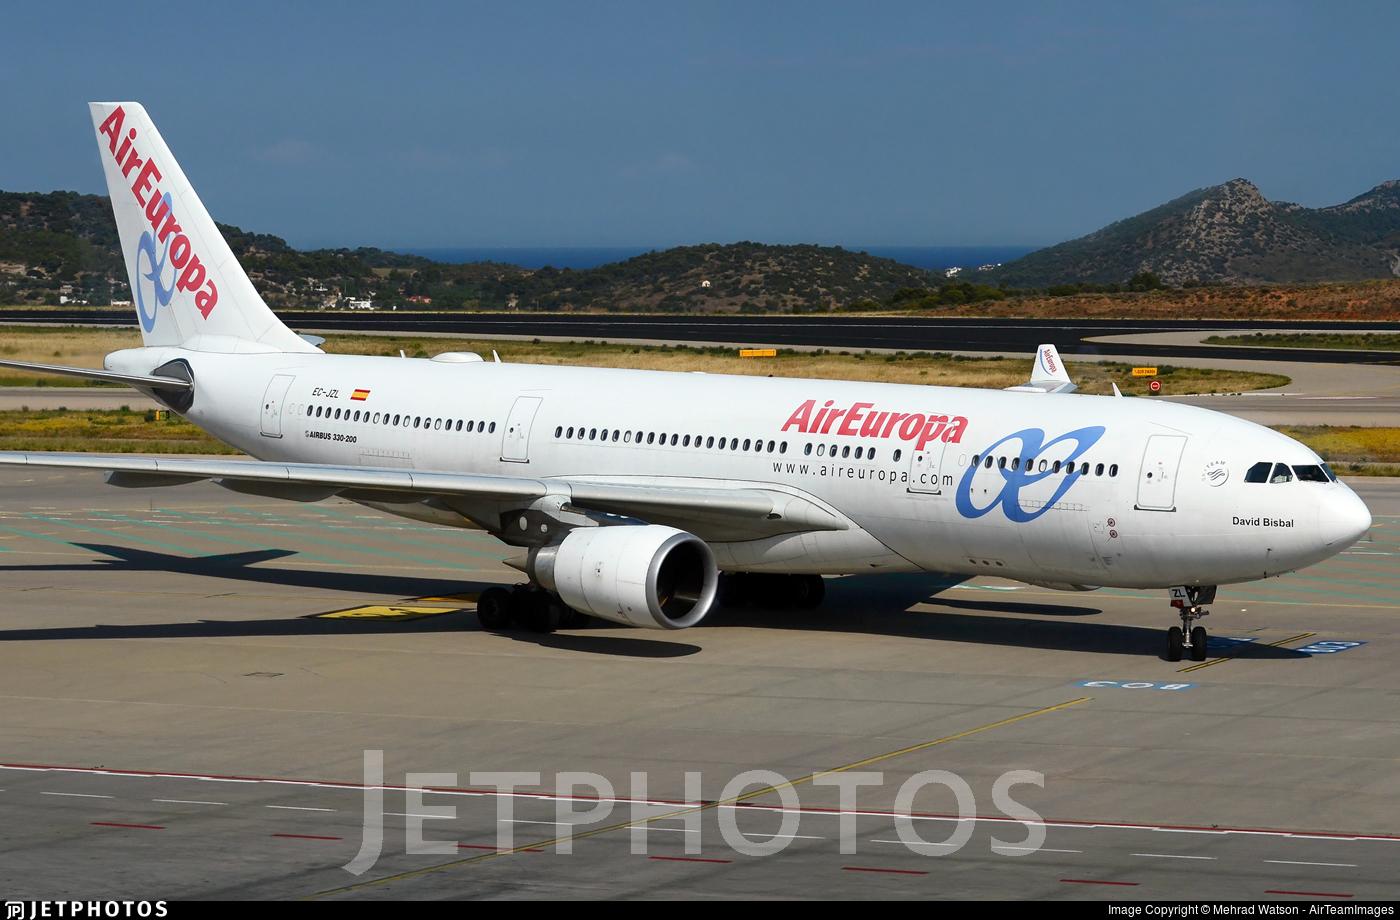 EC-JZL - Airbus A330-202 - Air Europa